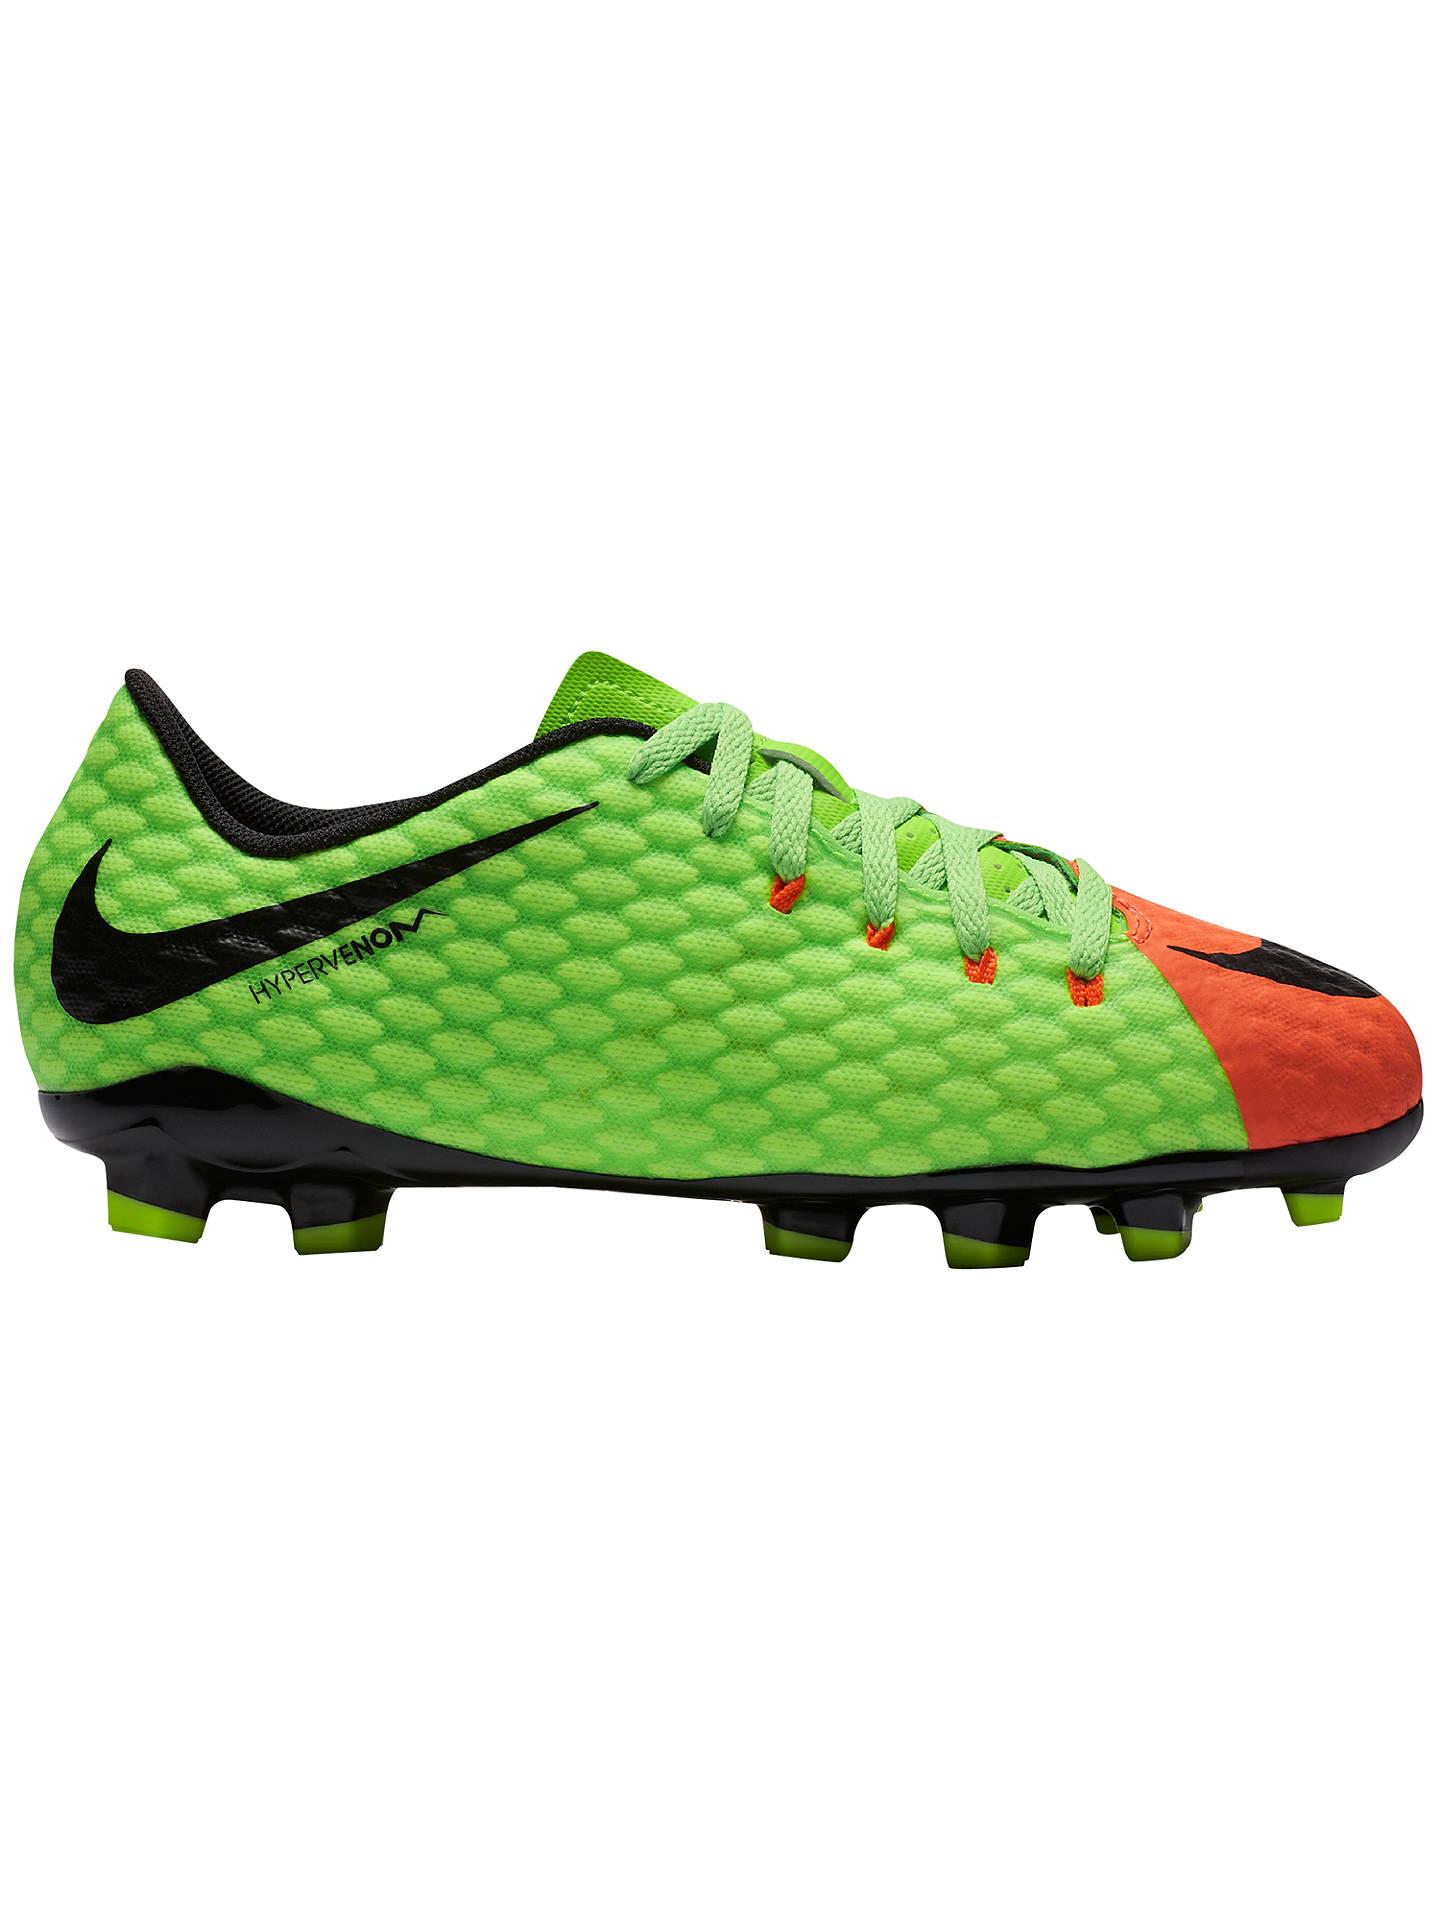 new arrival 6658b 0cc03 Buy Nike Children s HyperVenom Phelon III FG Football Boots, Multi, 10 Jnr  Online at ...